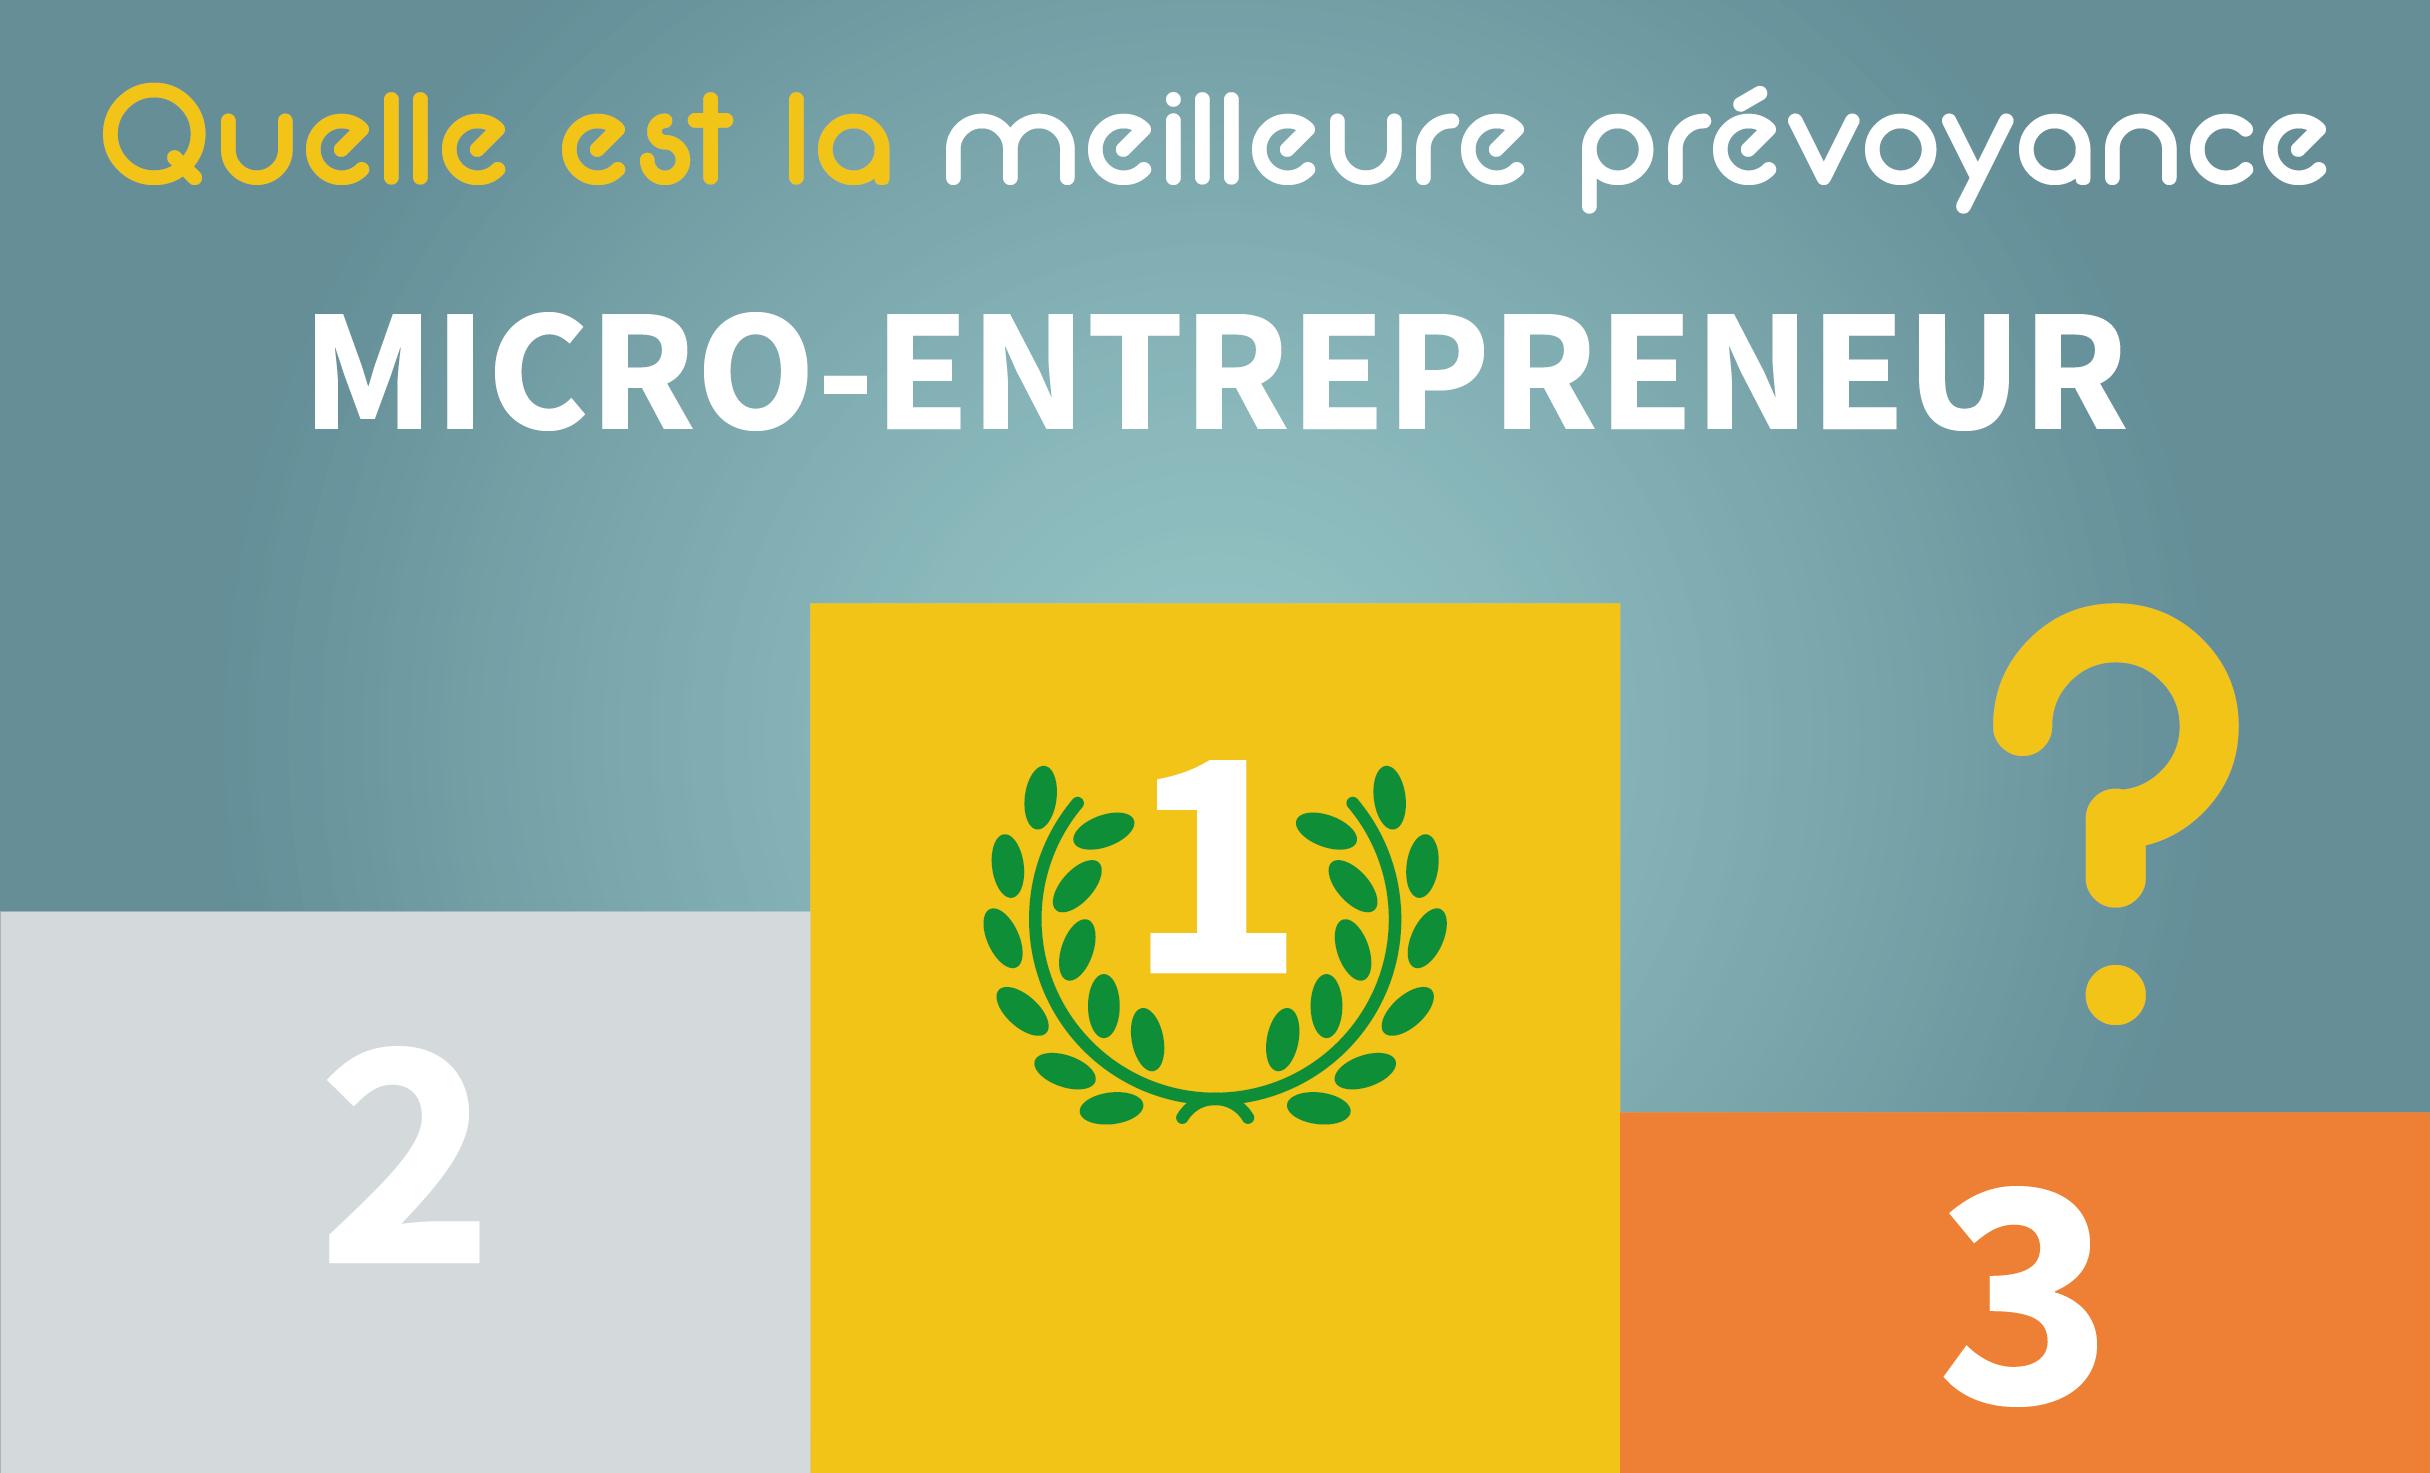 classement meilleures prévoyances micro-entrepreneurs